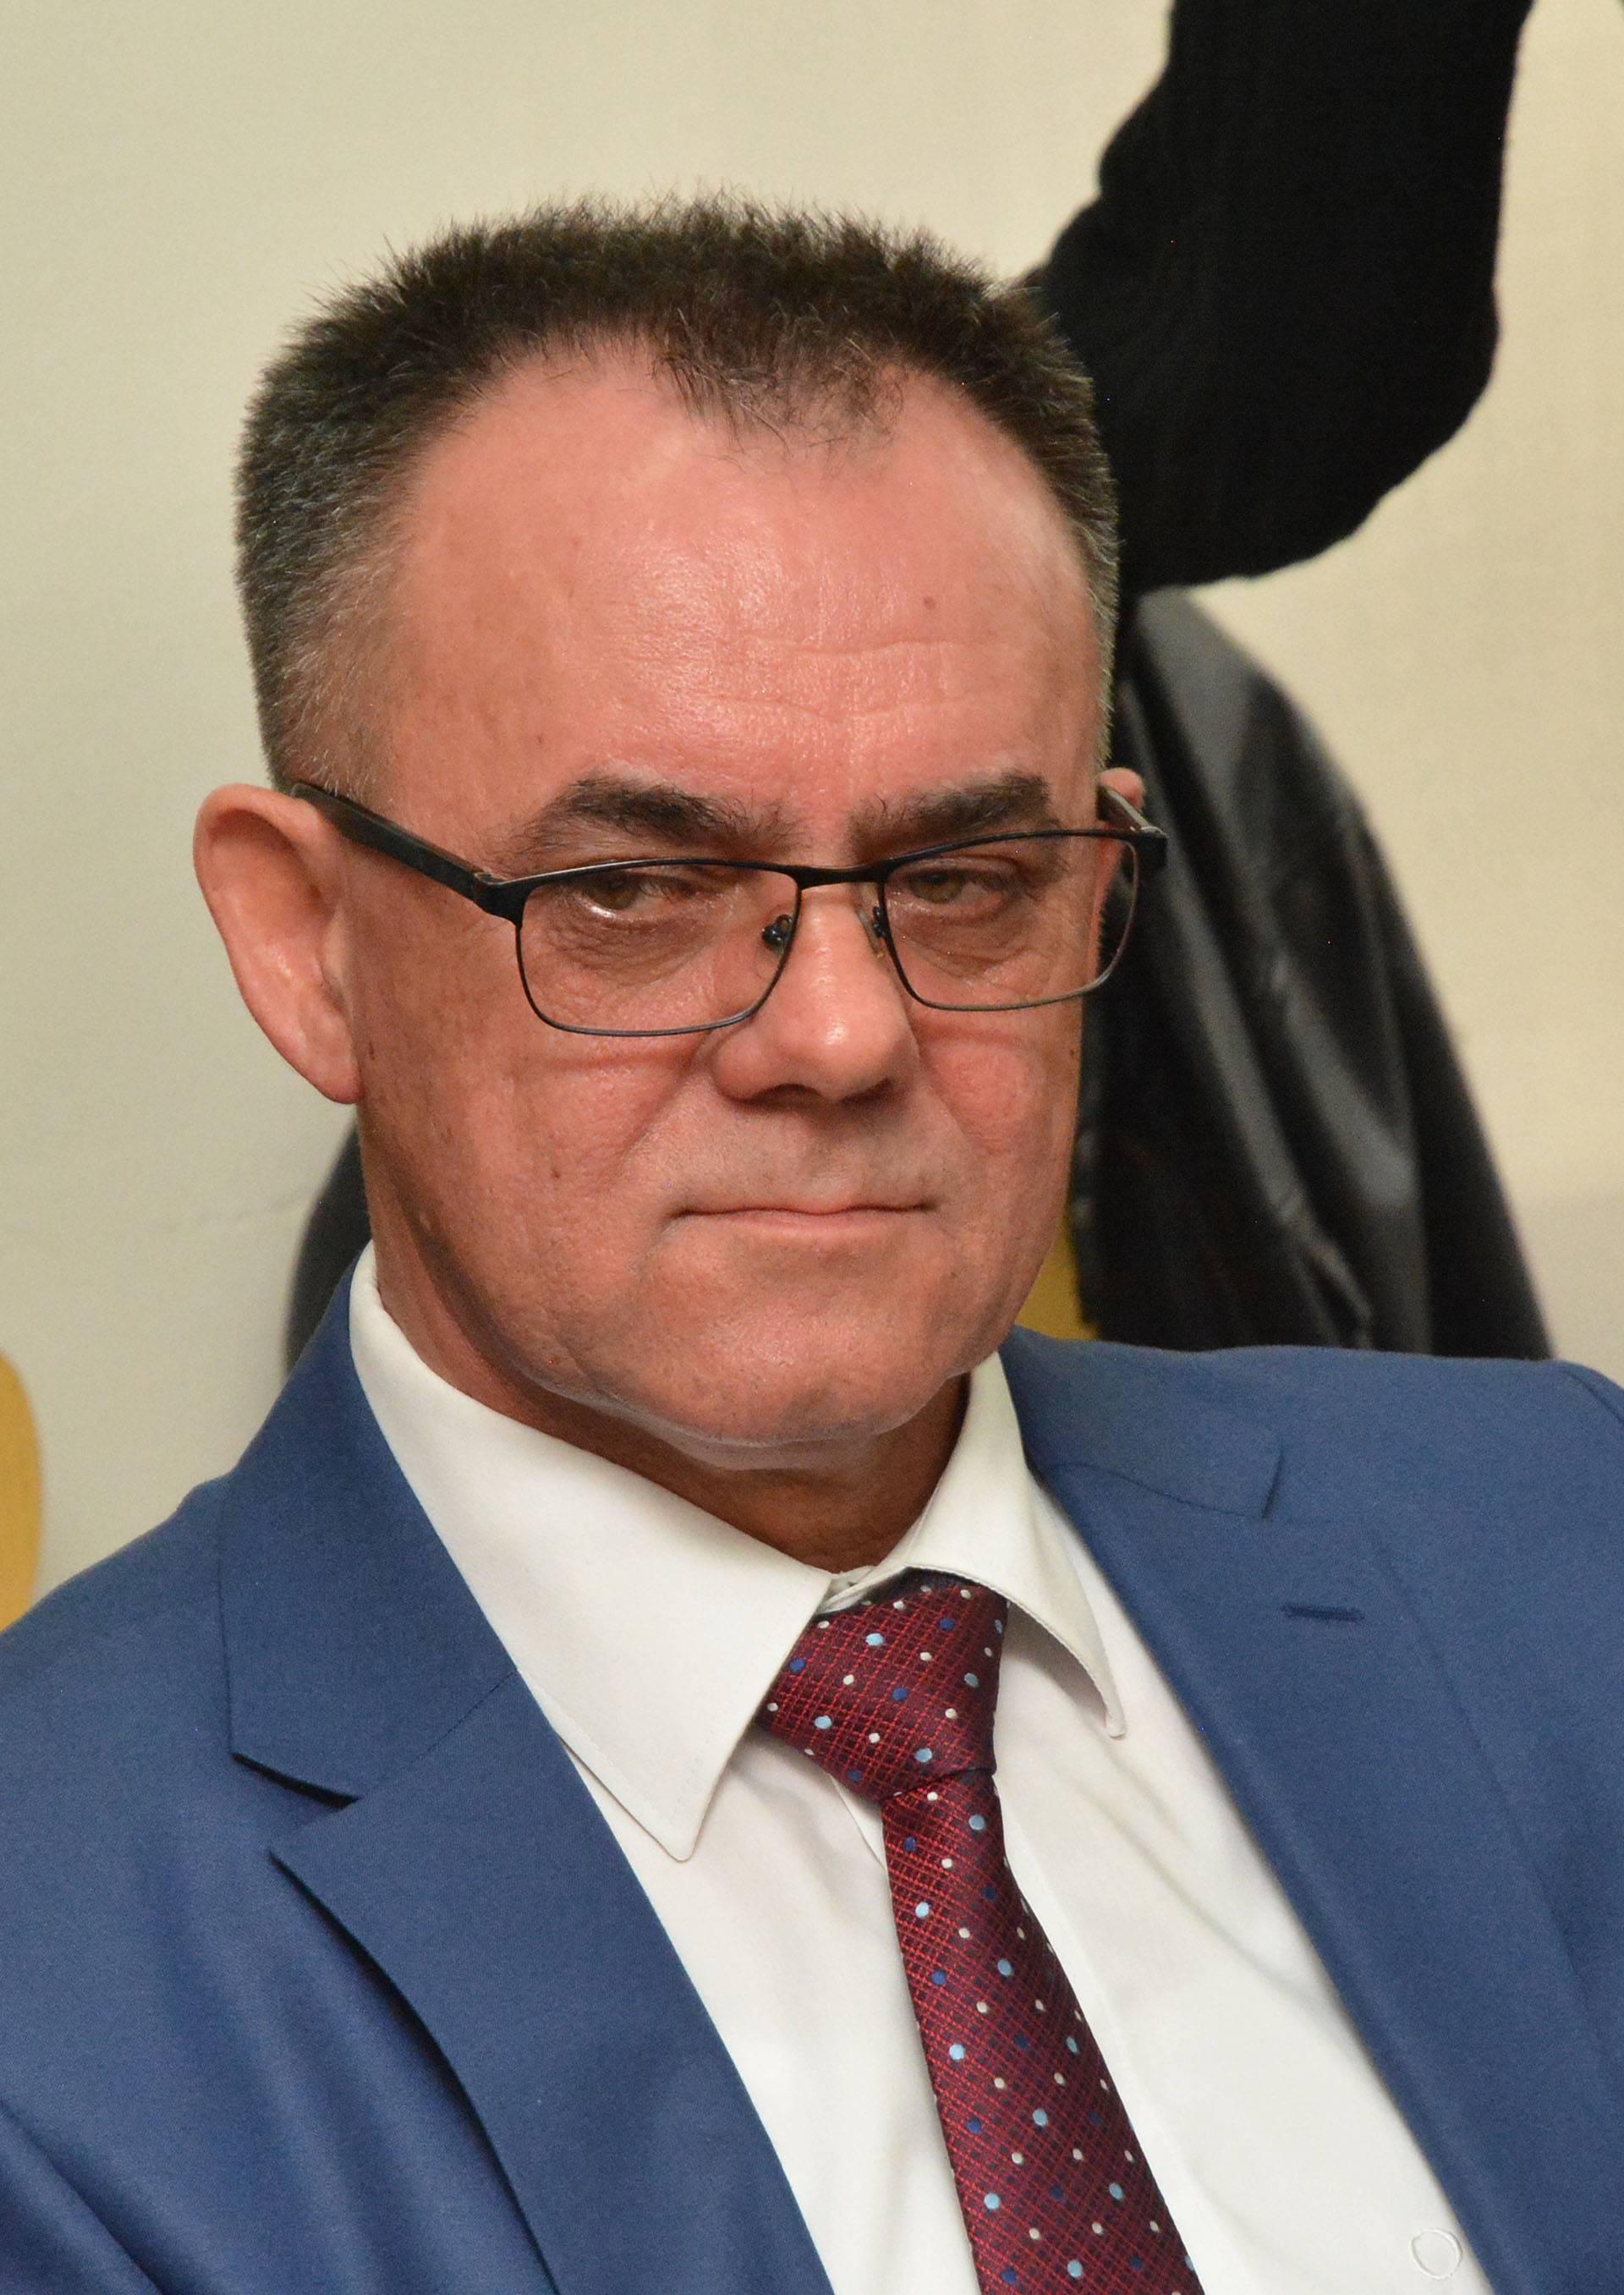 Slavonski Brod: Nastavljeno suđenje Alojzu Tomaševiću optuženom za obiteljsko nasilje